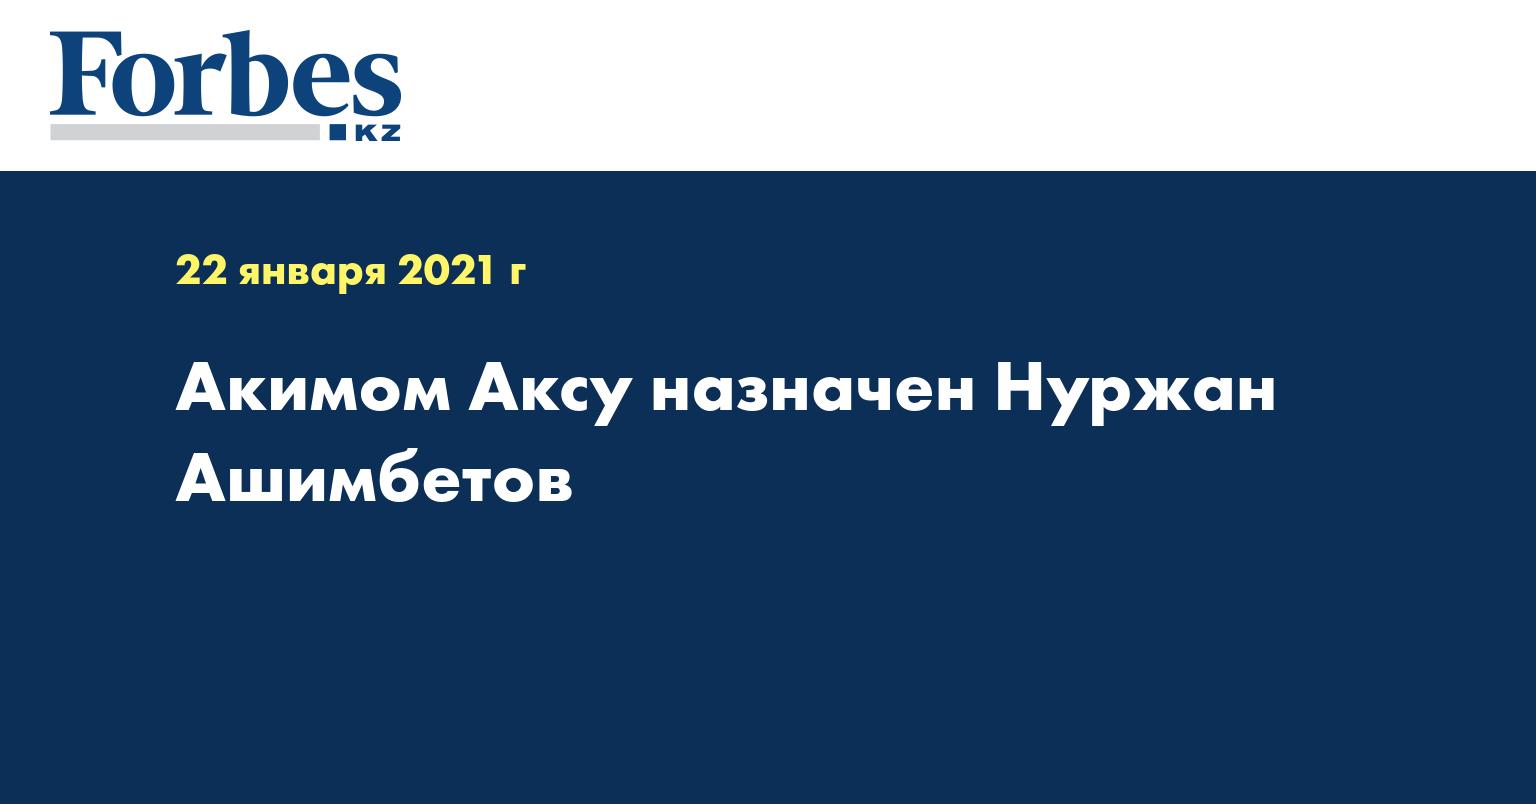 Акимом Аксу назначен Нуржан Ашимбетов